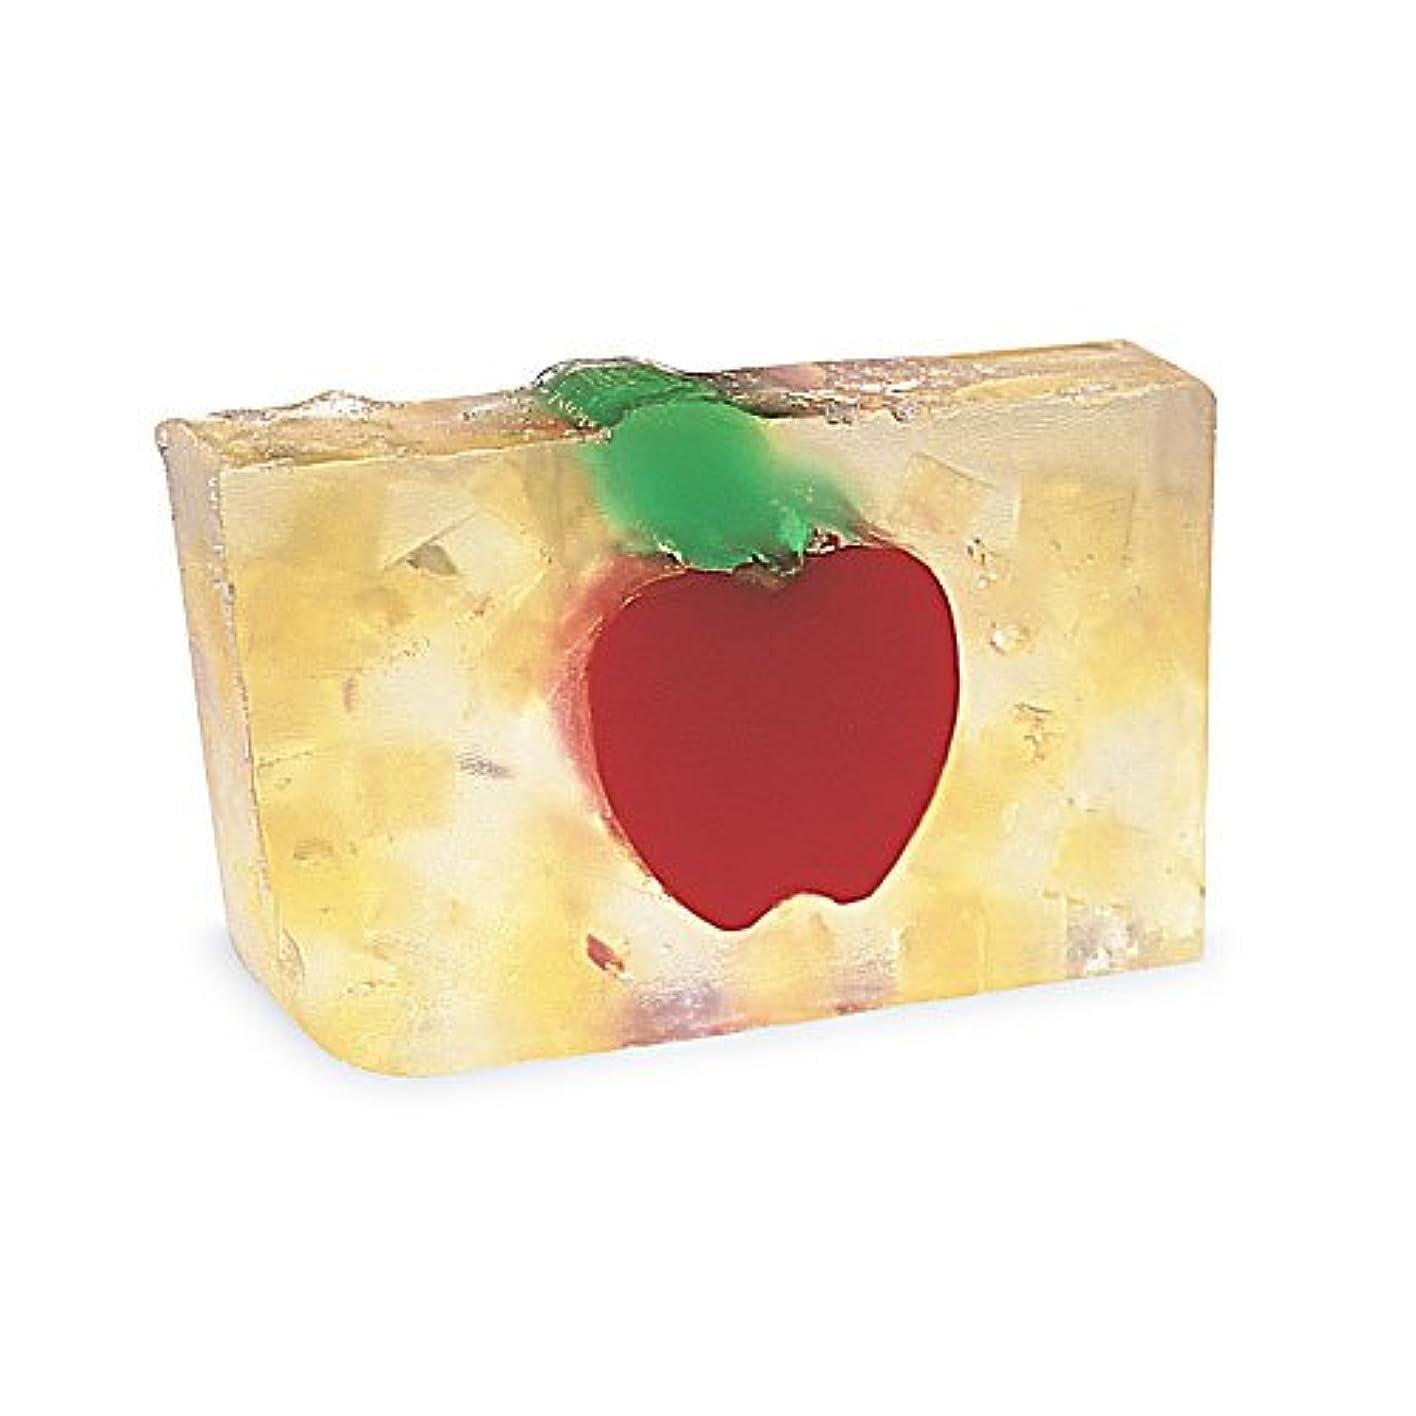 パキスタン人山岳種プライモールエレメンツ アロマティック ソープ ビッグアップル 180g 植物性 ナチュラル 石鹸 無添加